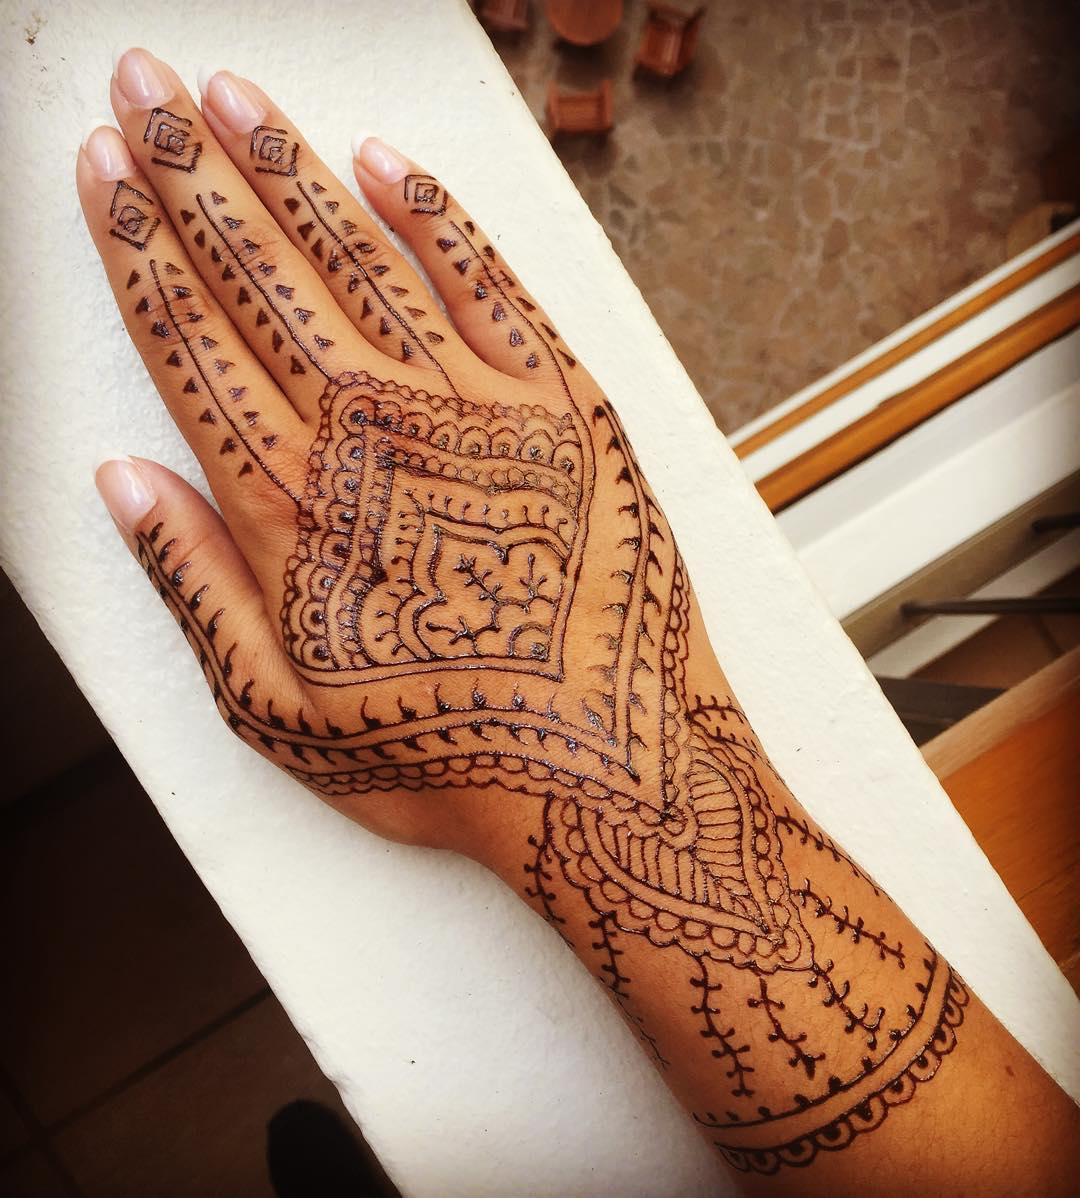 Henna Tattoo Ideas: How Long Do Henna Tattoos Last